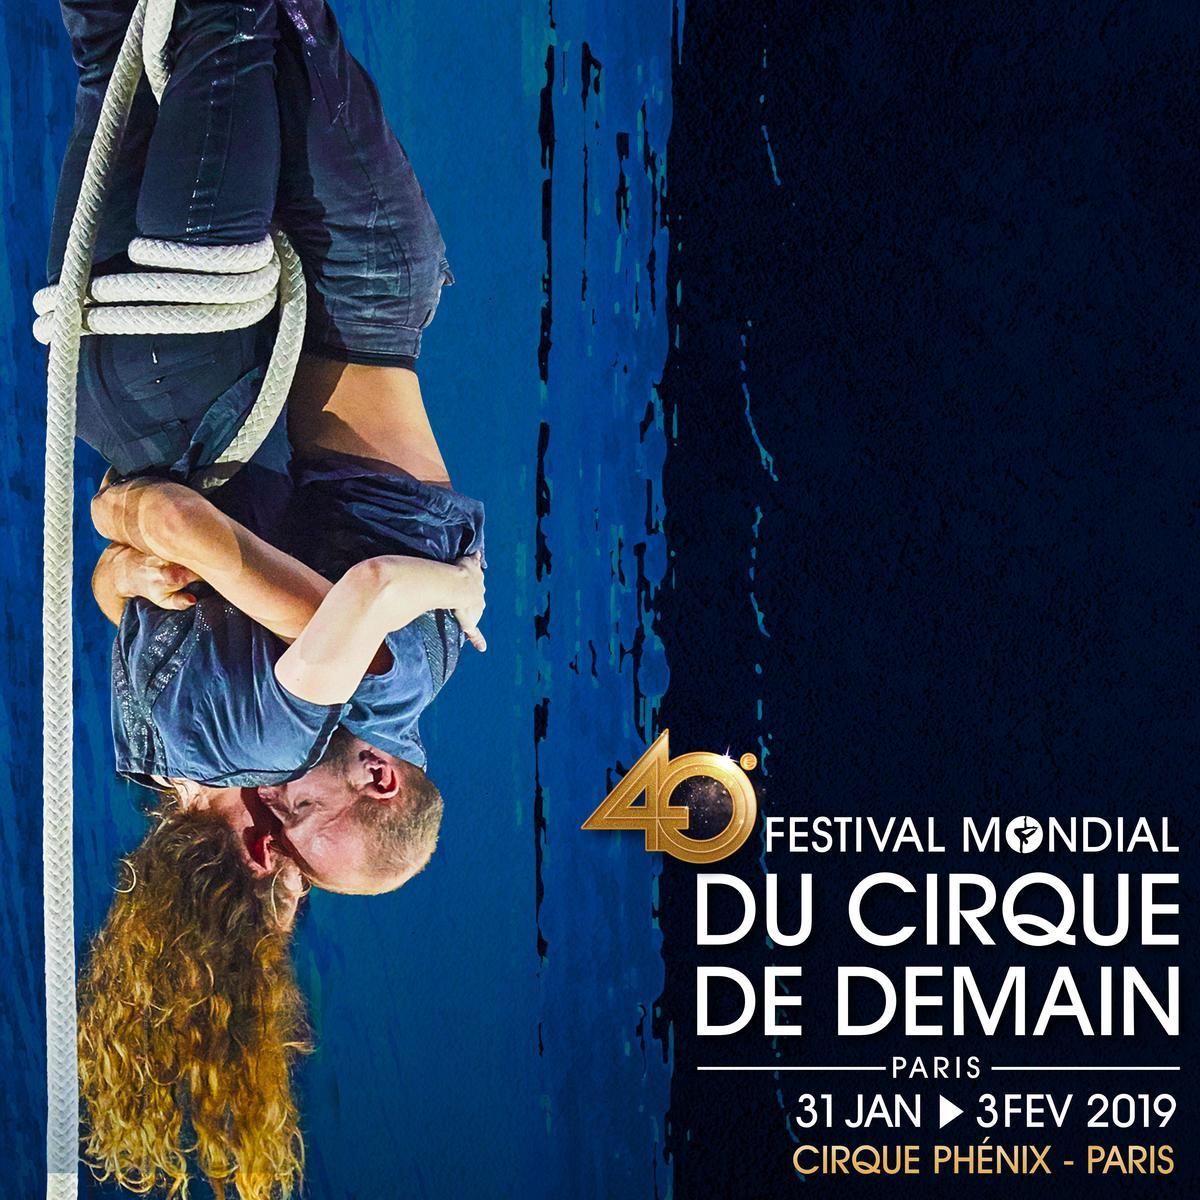 Festival Mondial du Cirque de Demain - Circus Events - CircusTalk